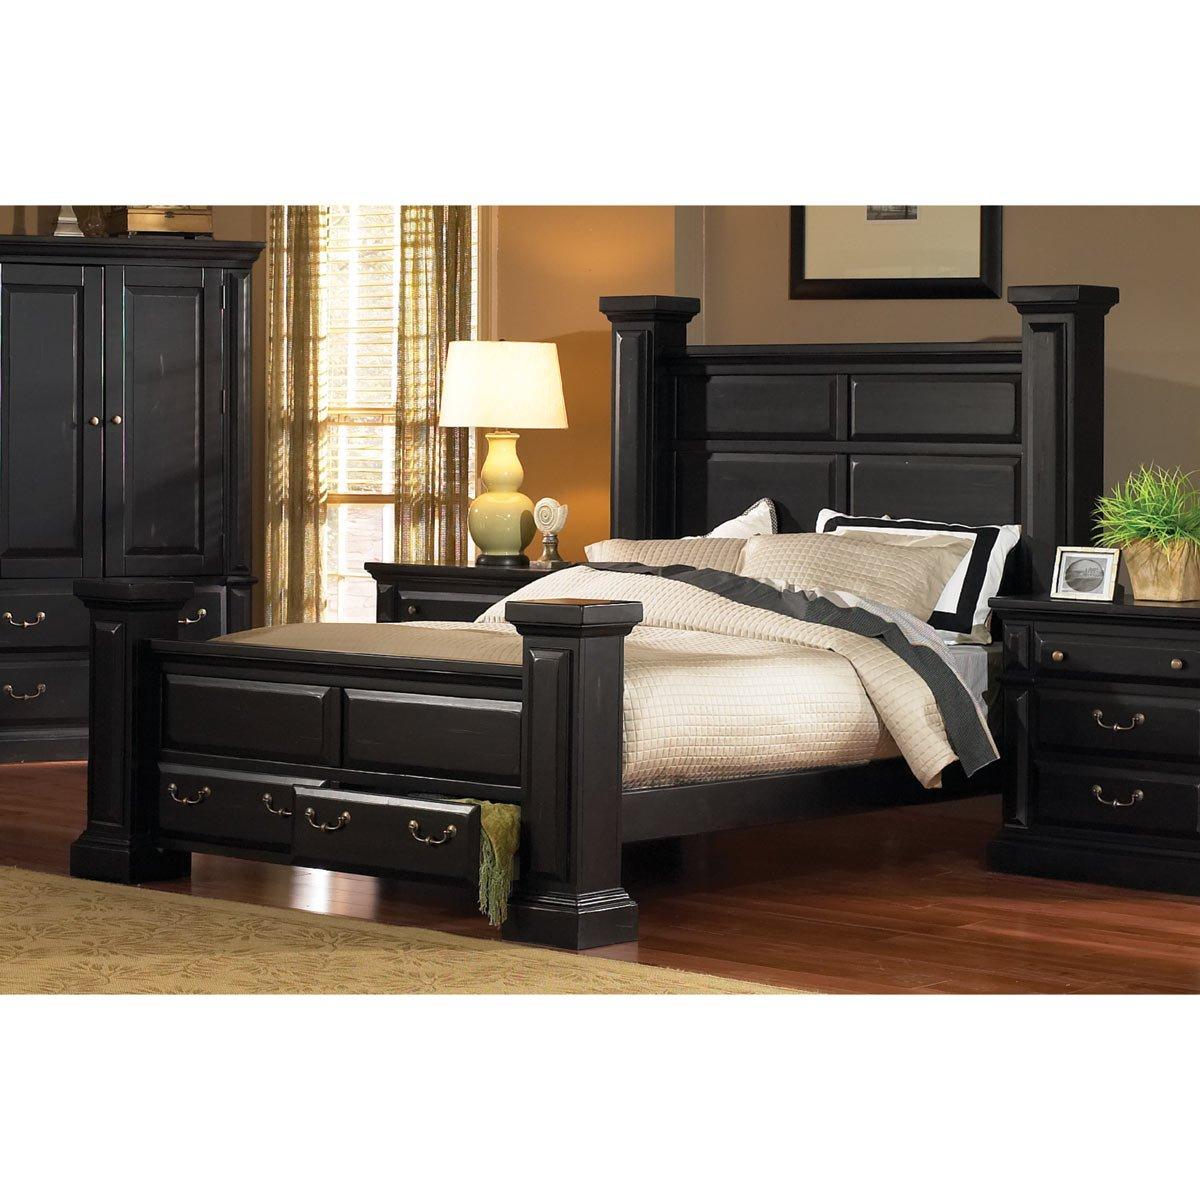 Torreon Black 6 Piece King Bedroom Set